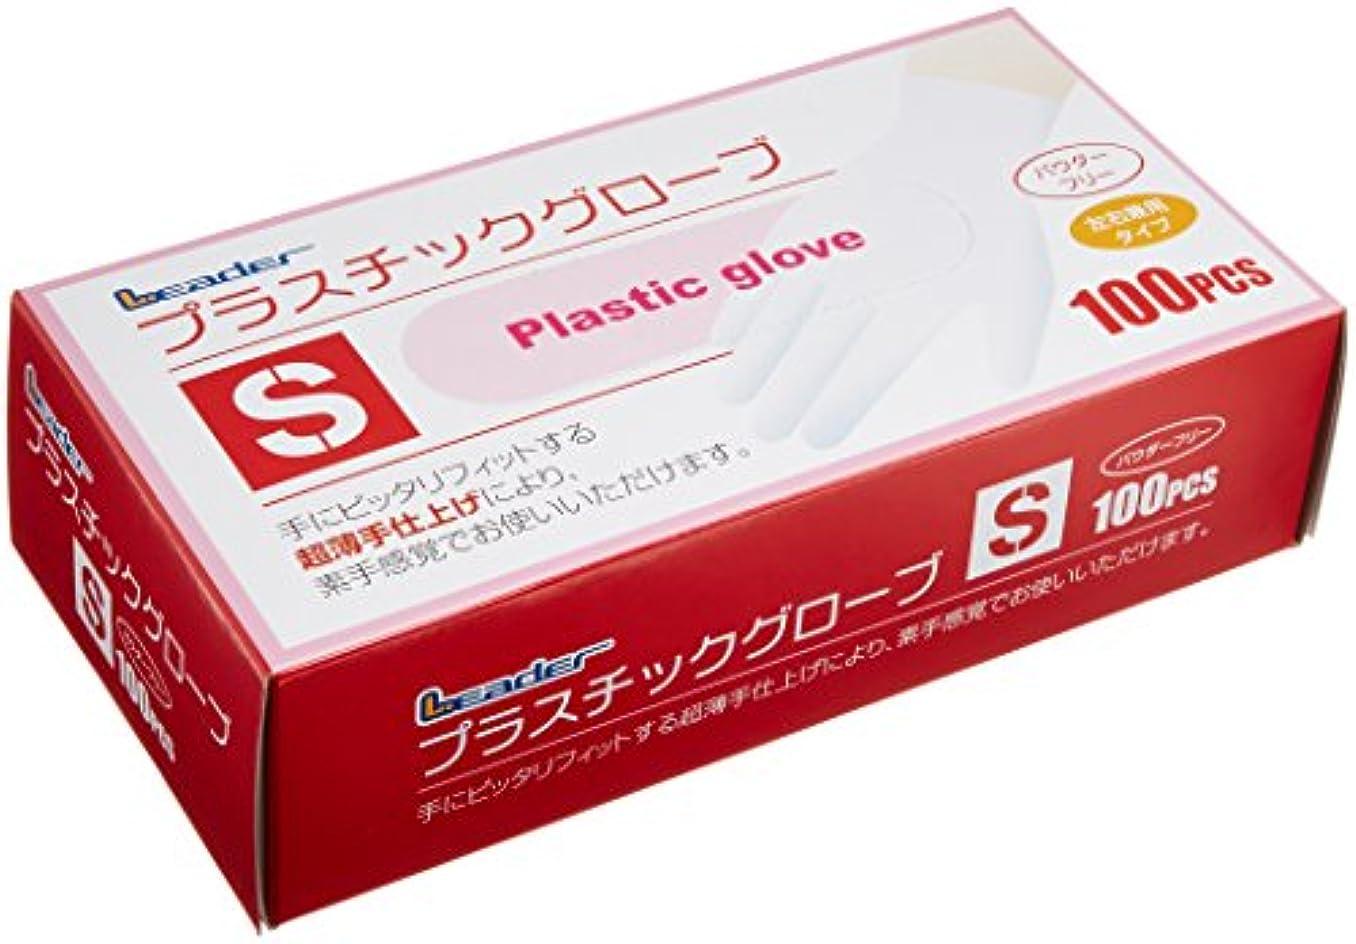 アシュリータファーマンフォアマン珍味リーダー プラスチックグローブ Sサイズ 100枚入